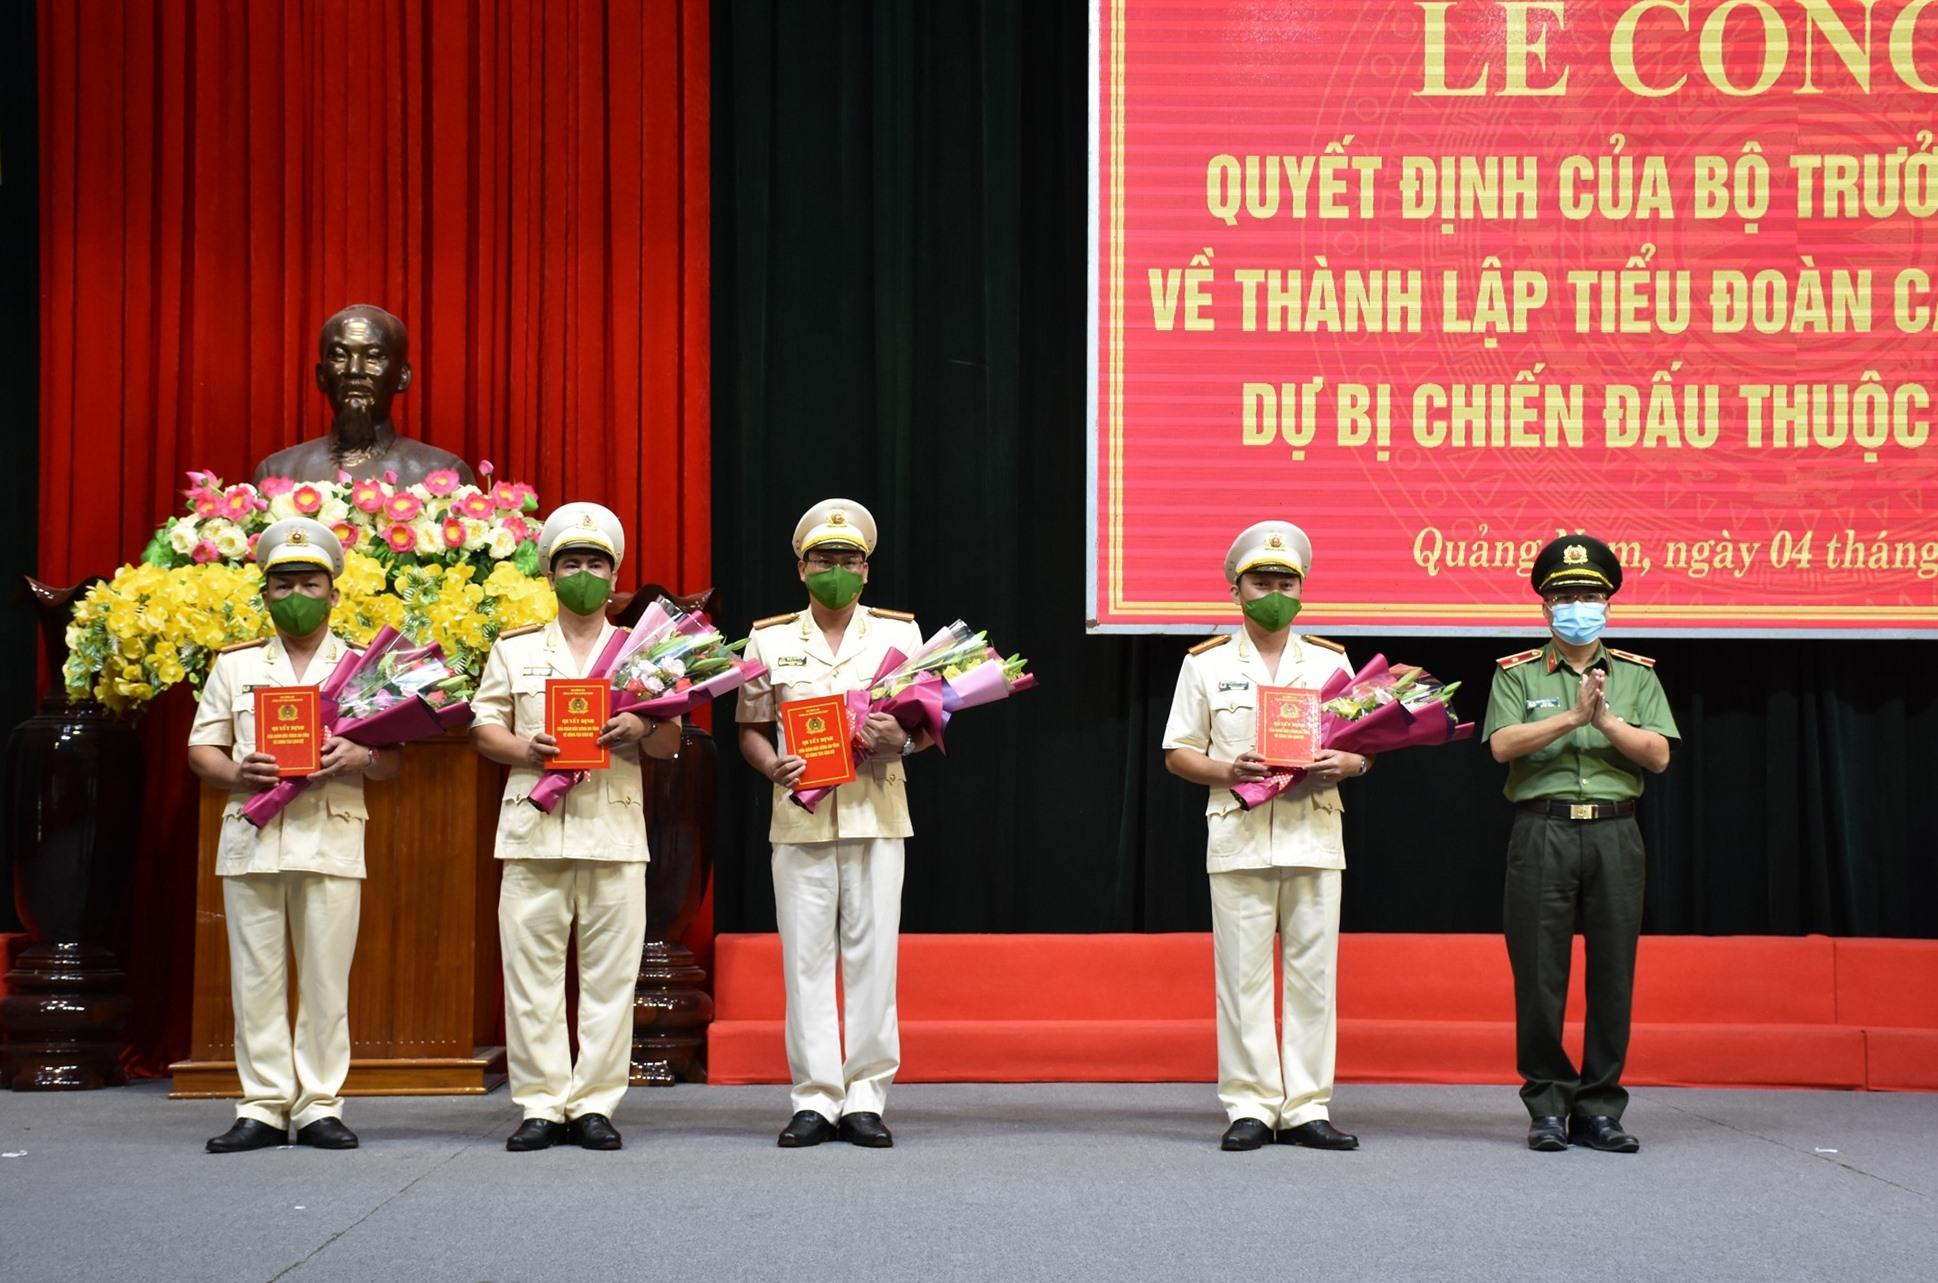 Thiếu tướng Nguyễn Đức Dũng - Giám đốc Công an tỉnh trao quyết định cho các đồng chí chỉ huy của Tiểu đoàn CSCĐ dự bị chiến đấu thuộc Công an tỉnh. Ảnh: M.T